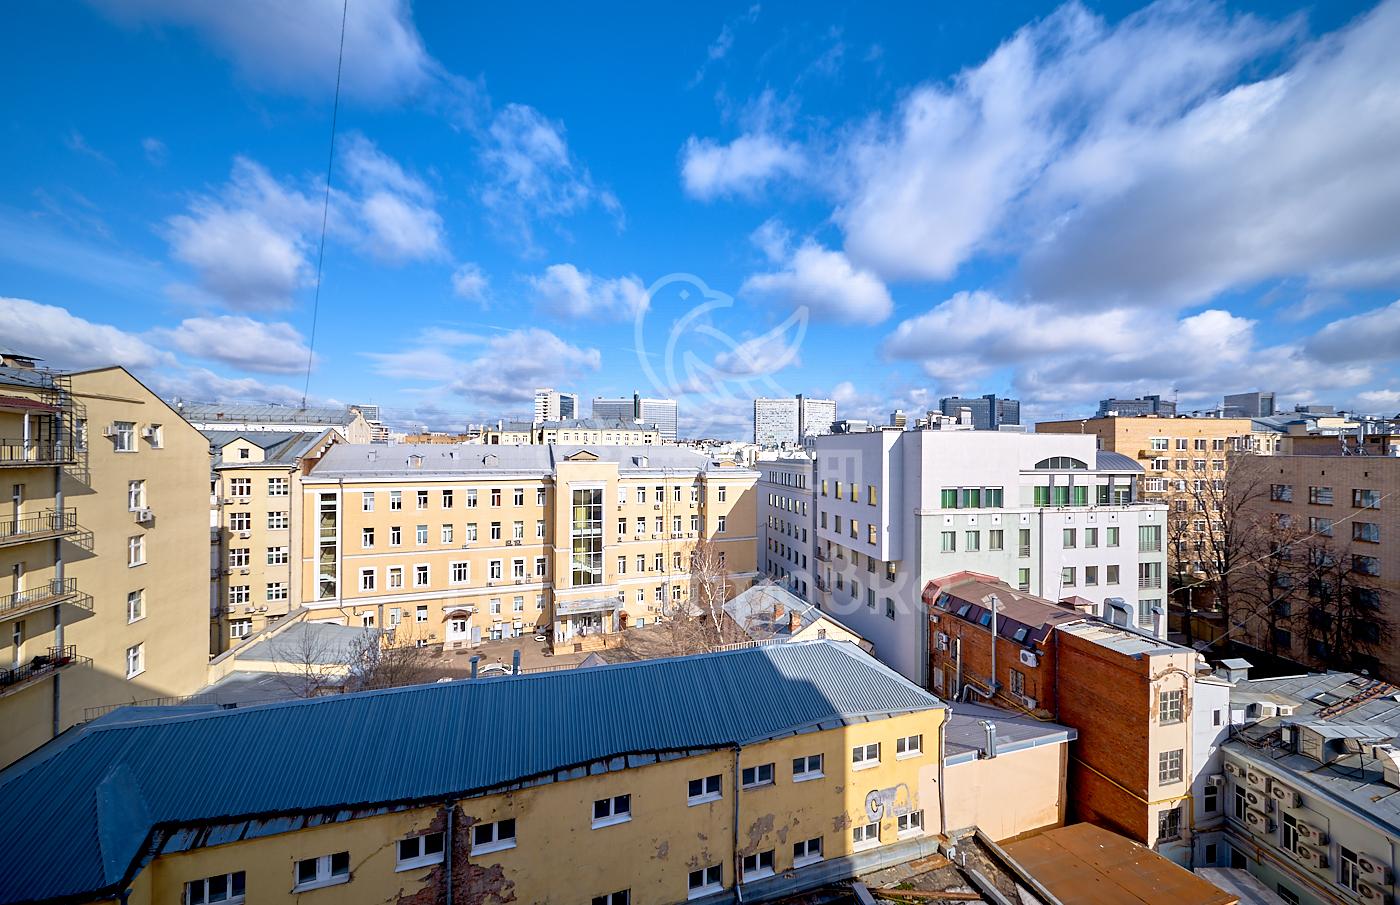 Продам 5-комн. квартиру по адресу Россия, Москва и Московская область, Москва, Плотников переулок, 13 фото 2 по выгодной цене